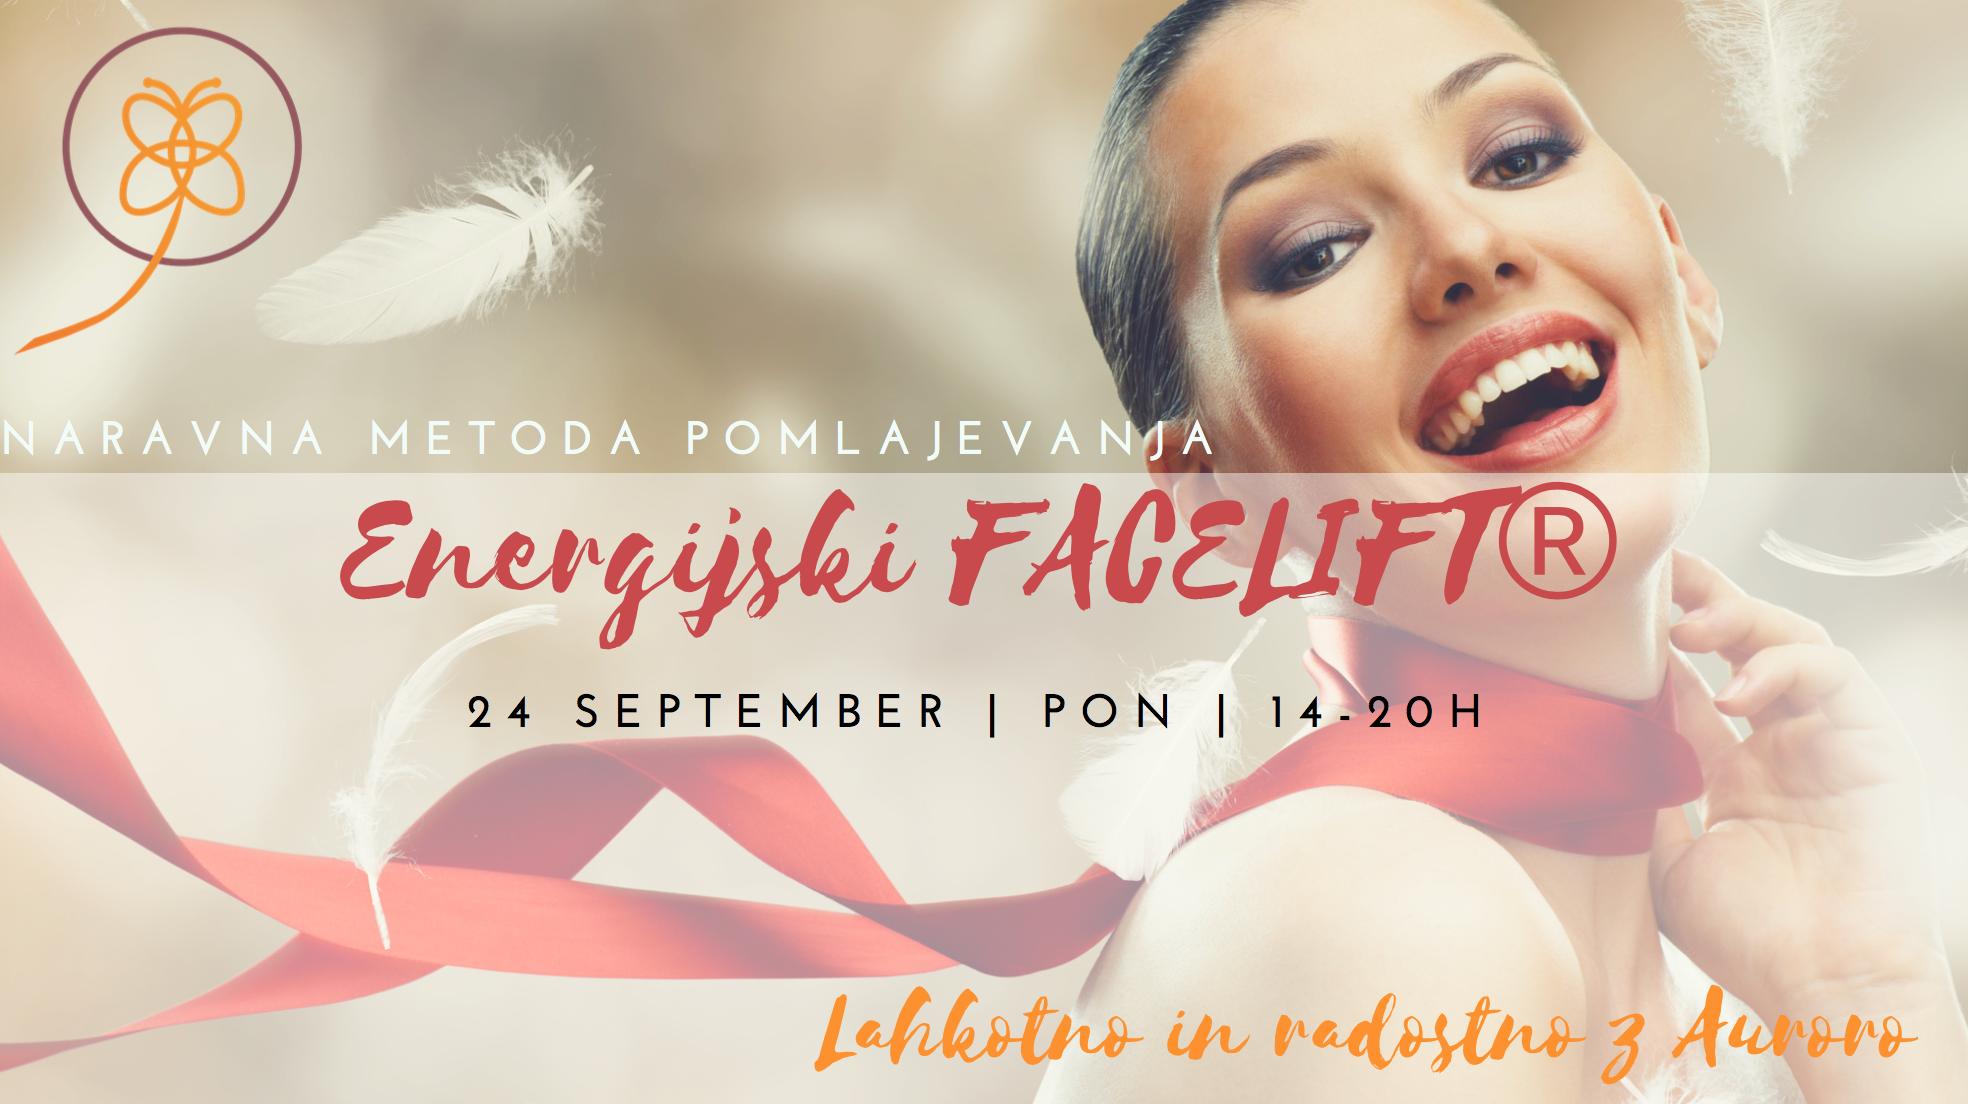 Energijski Facelift™ delavnica 24.9.2018